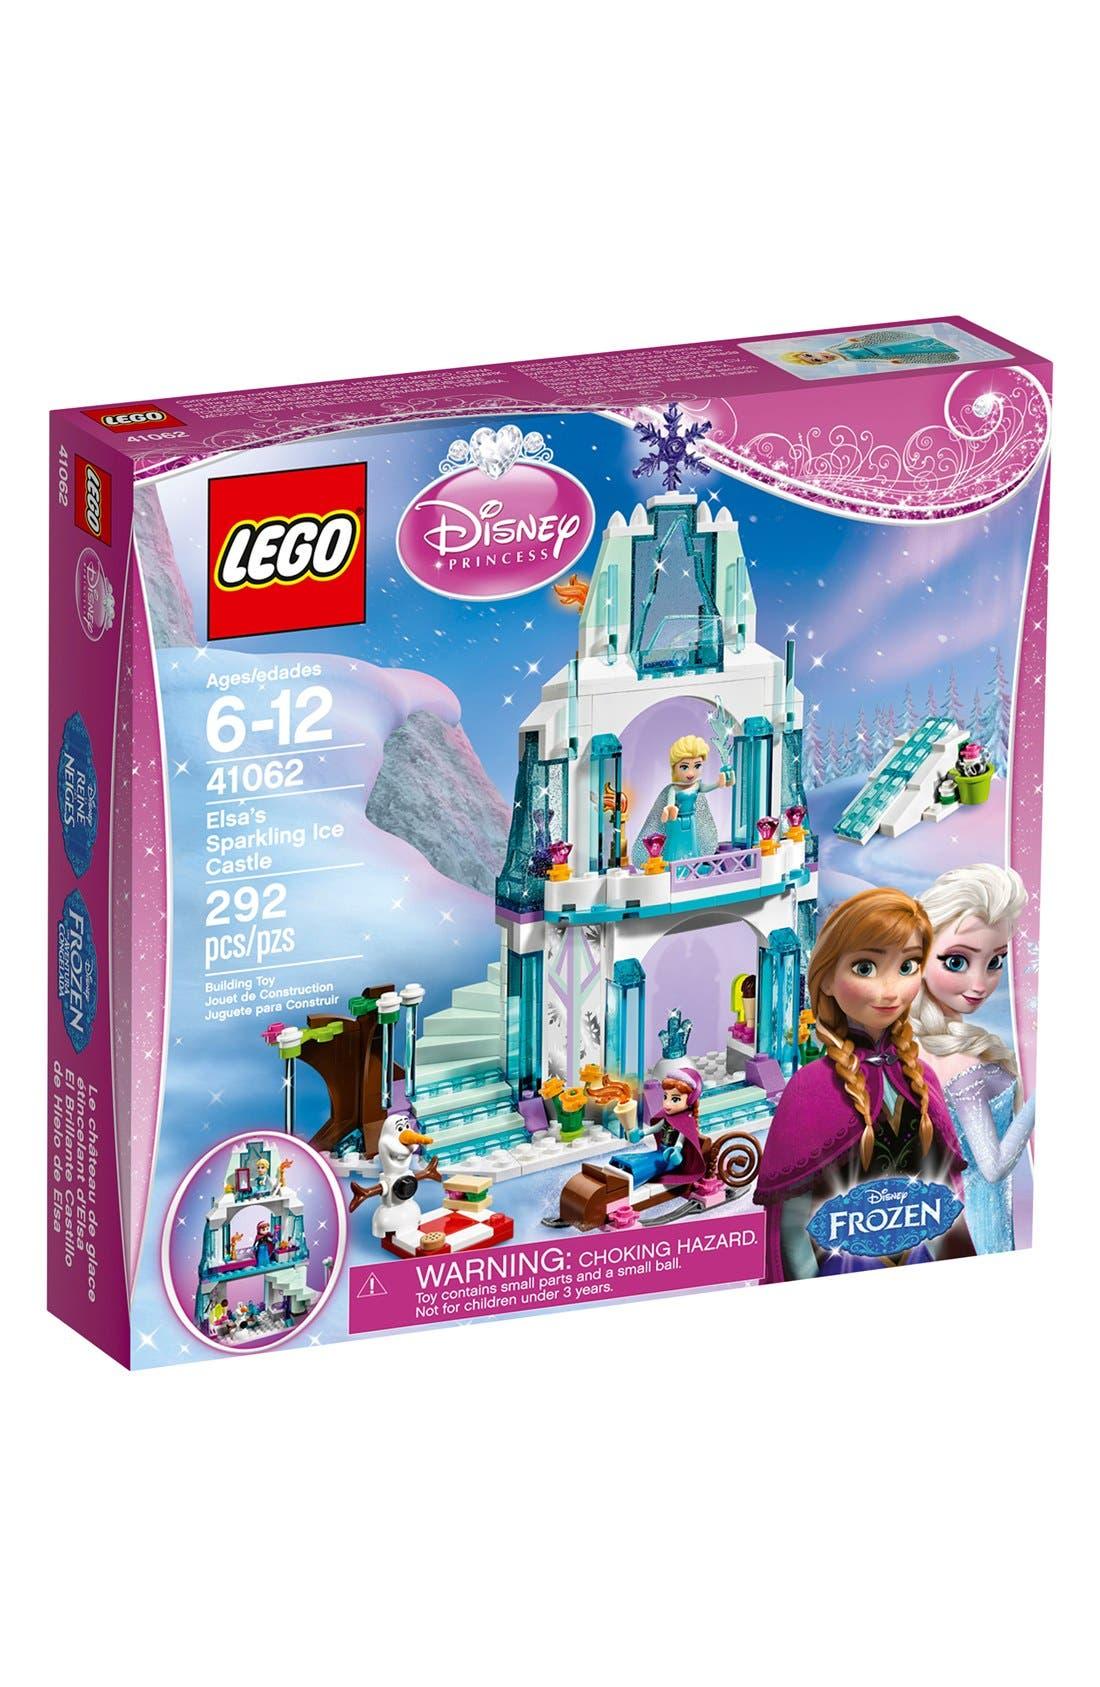 Disney<sup>™</sup> Princess Elsa's Sparkling Ice Castle - 41062,                             Main thumbnail 1, color,                             960